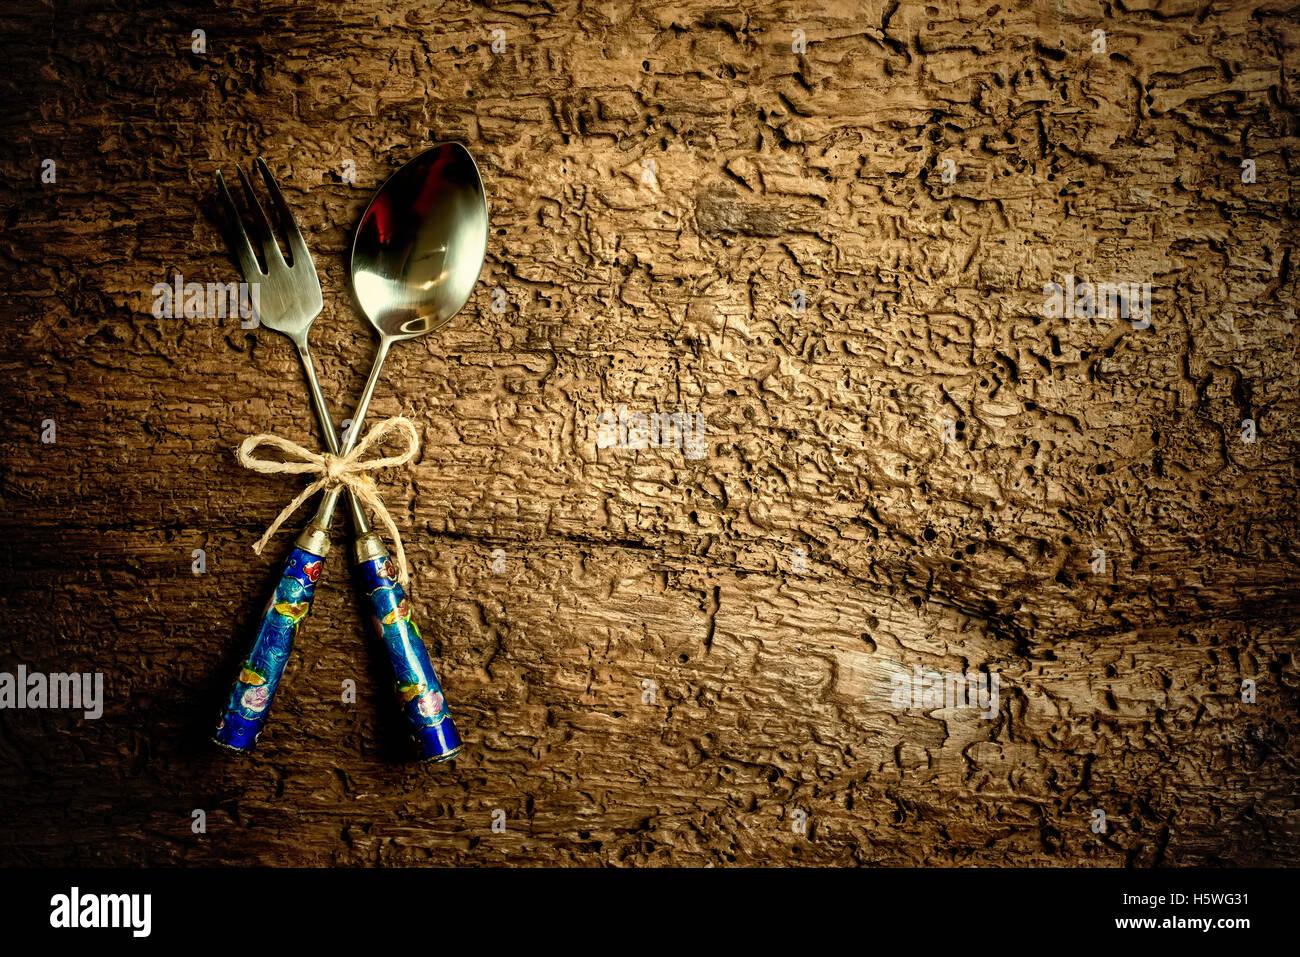 Rustic Fall Wallpaper Menu Background Vintage Set Cutlery On Rustic Wood